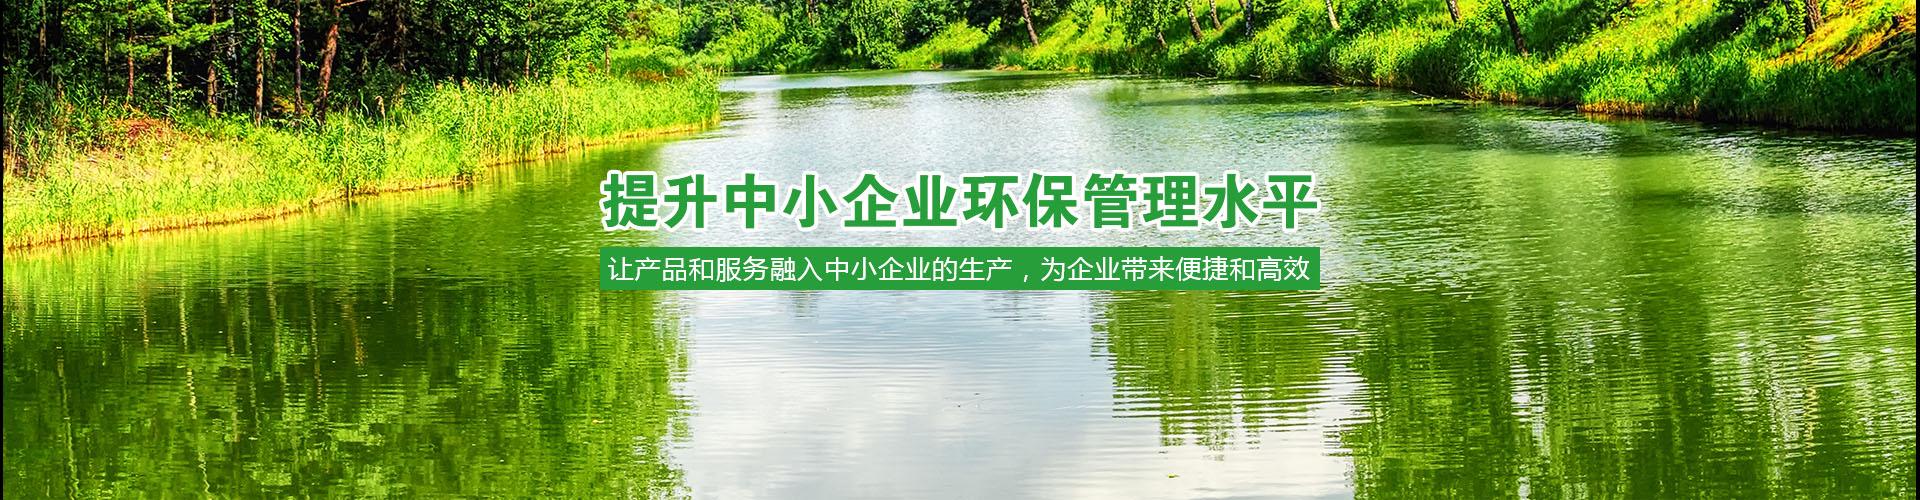 新乡市国环宏博节能环保科技有限公司